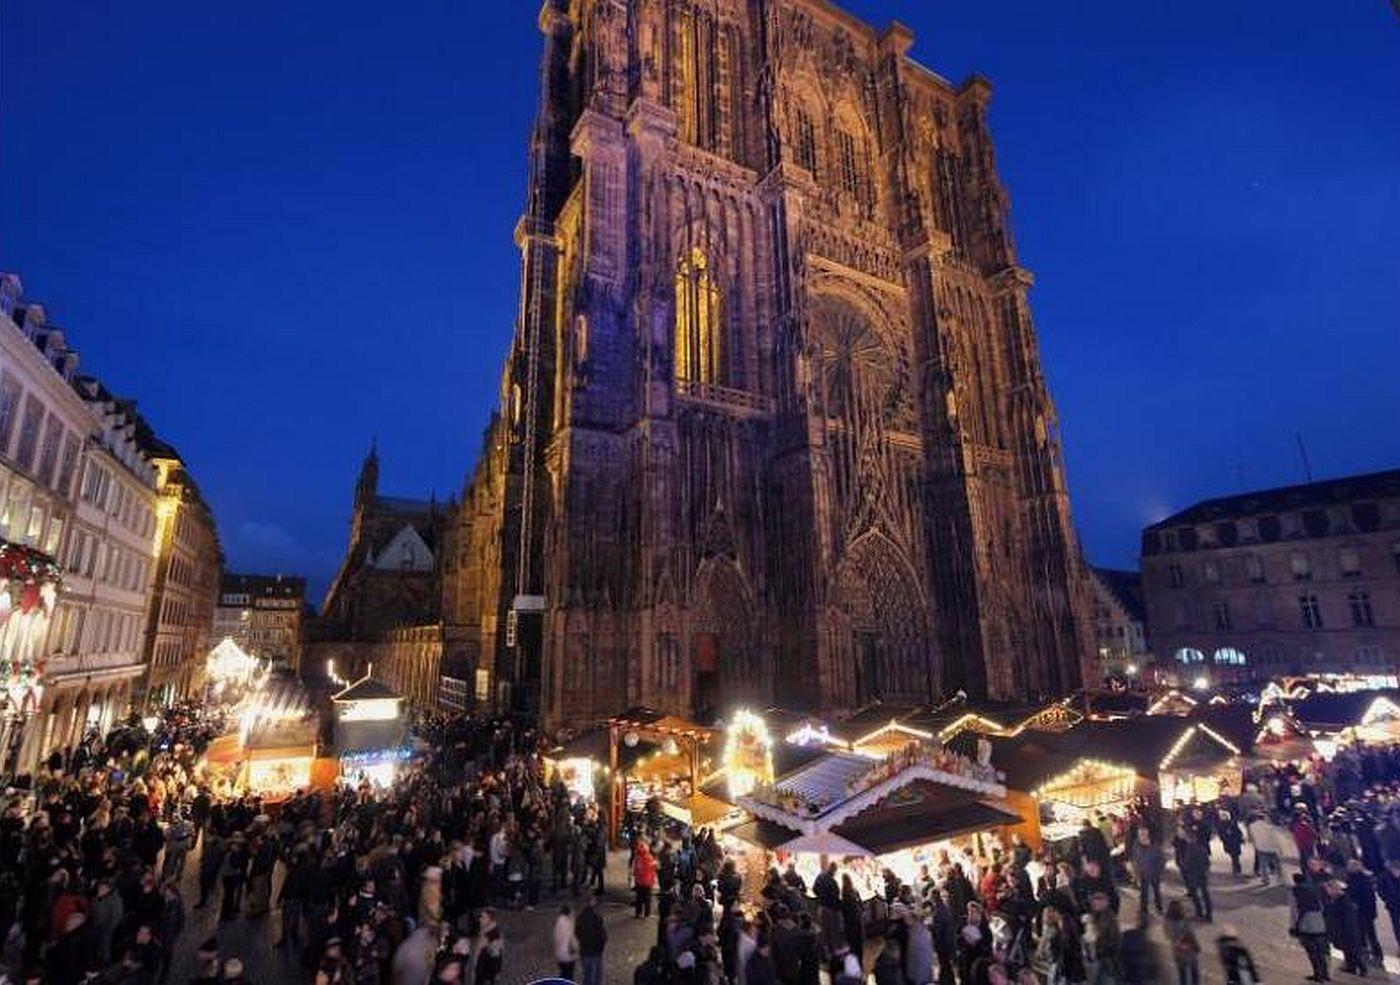 marché de noel strasbourg 2018 trackid=sp-006 Marchés de Noël à Strasbourg et alentours marché de noel strasbourg 2018 trackid=sp-006